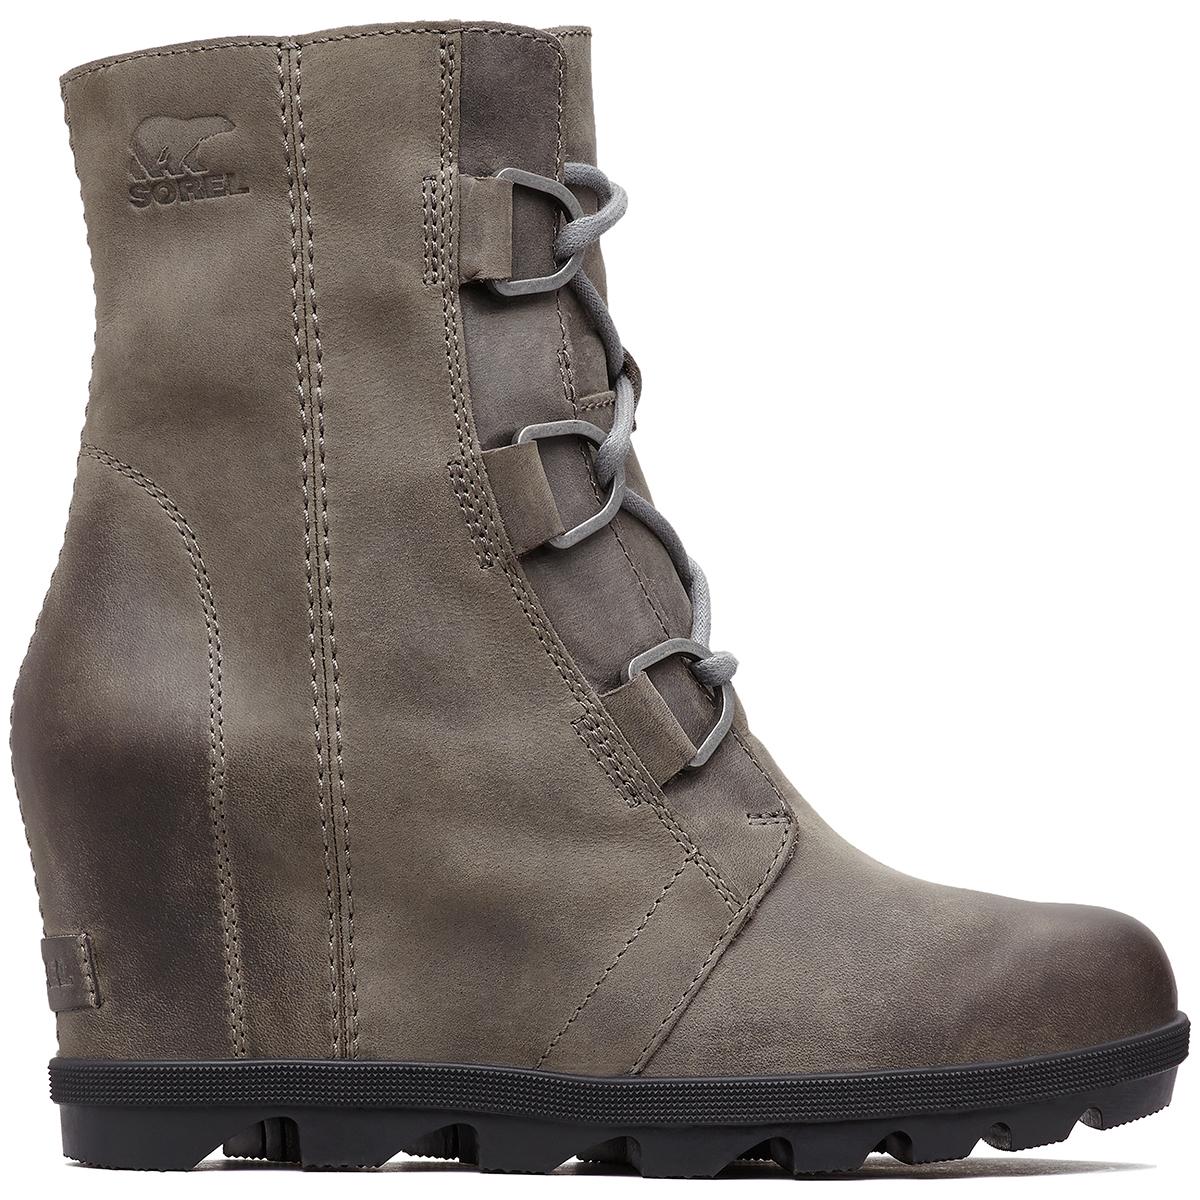 Sorel Women's Joan Of Arctic Wedge Ii Waterproof Boots - Black, 8.5